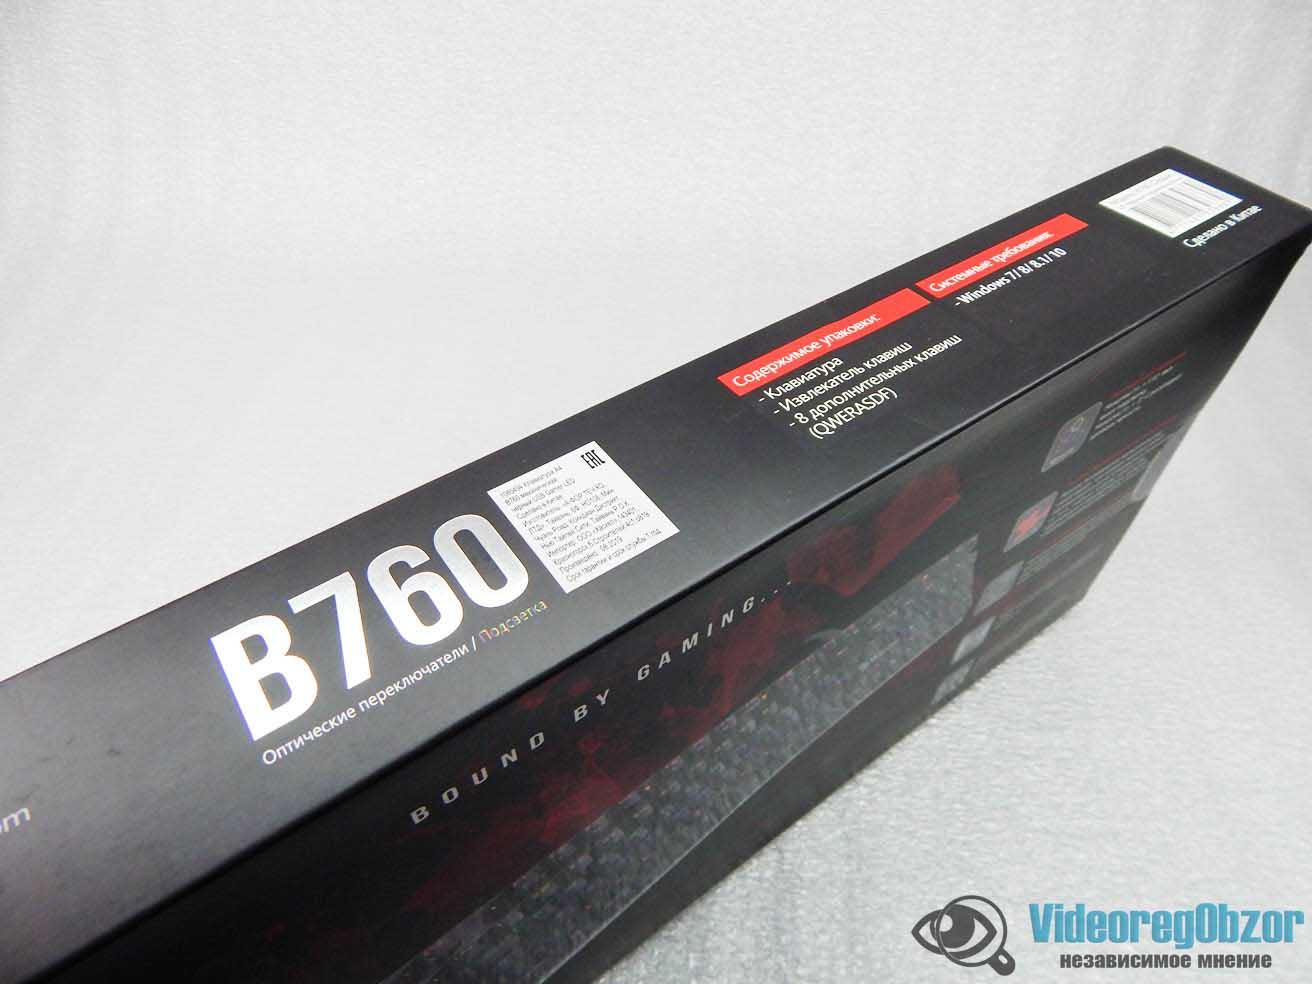 a4tech bloody b760